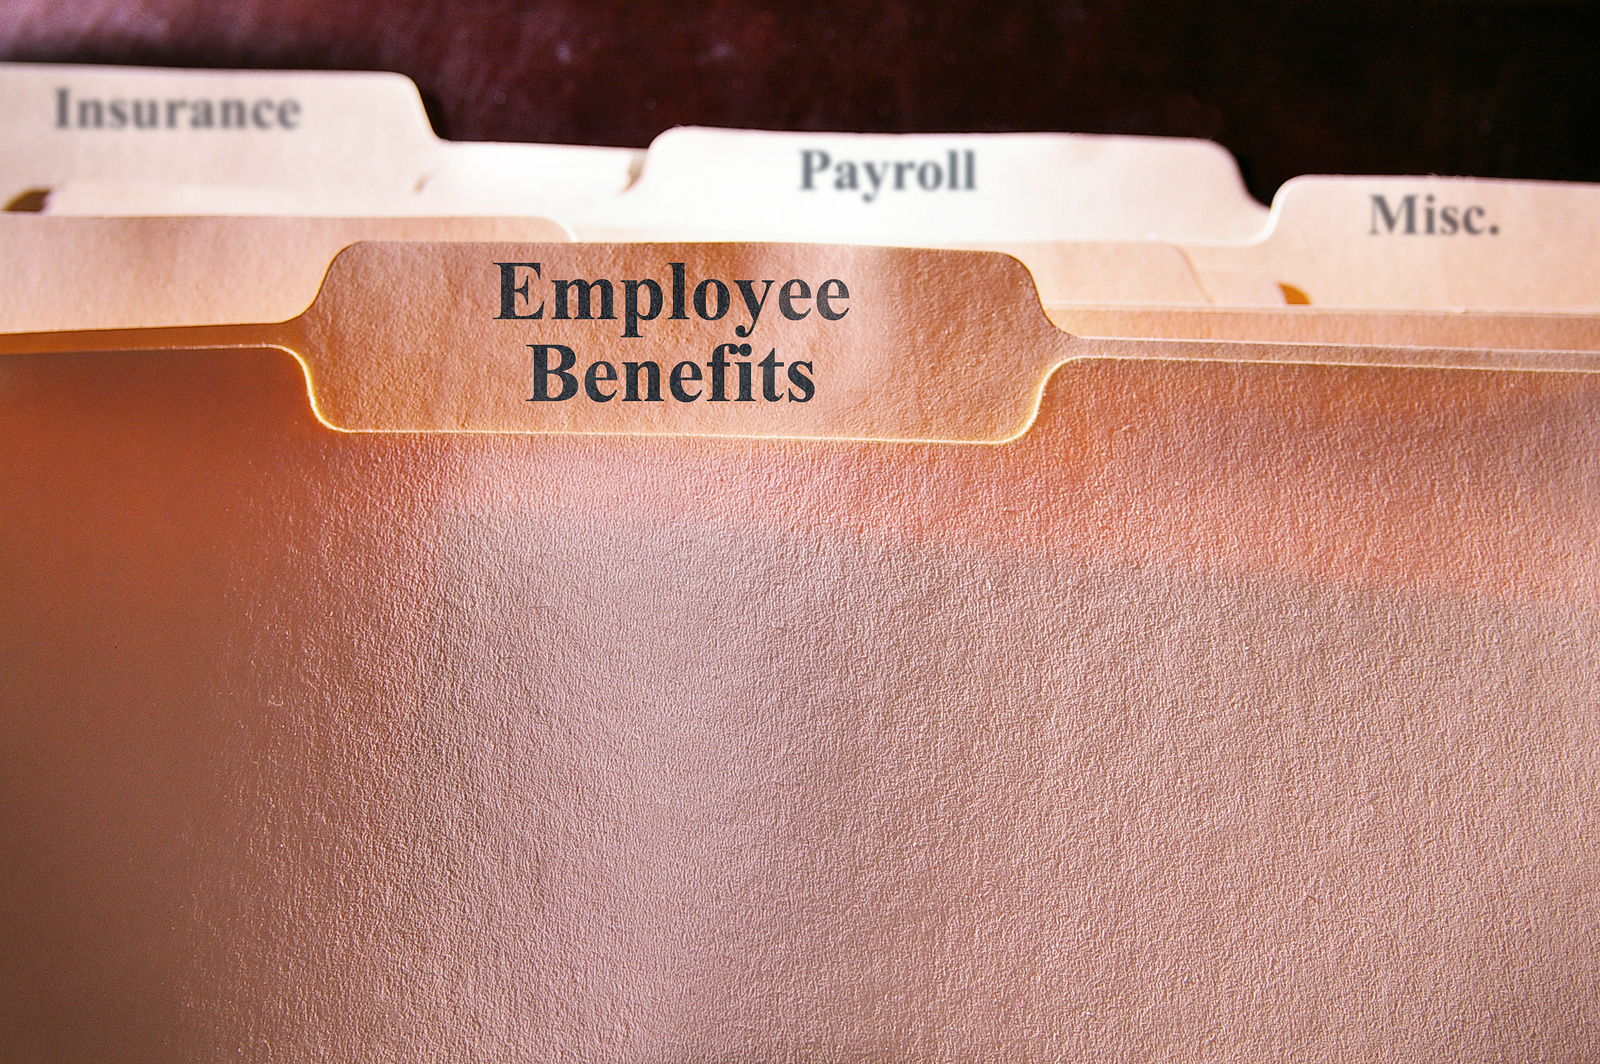 Benefits Folders